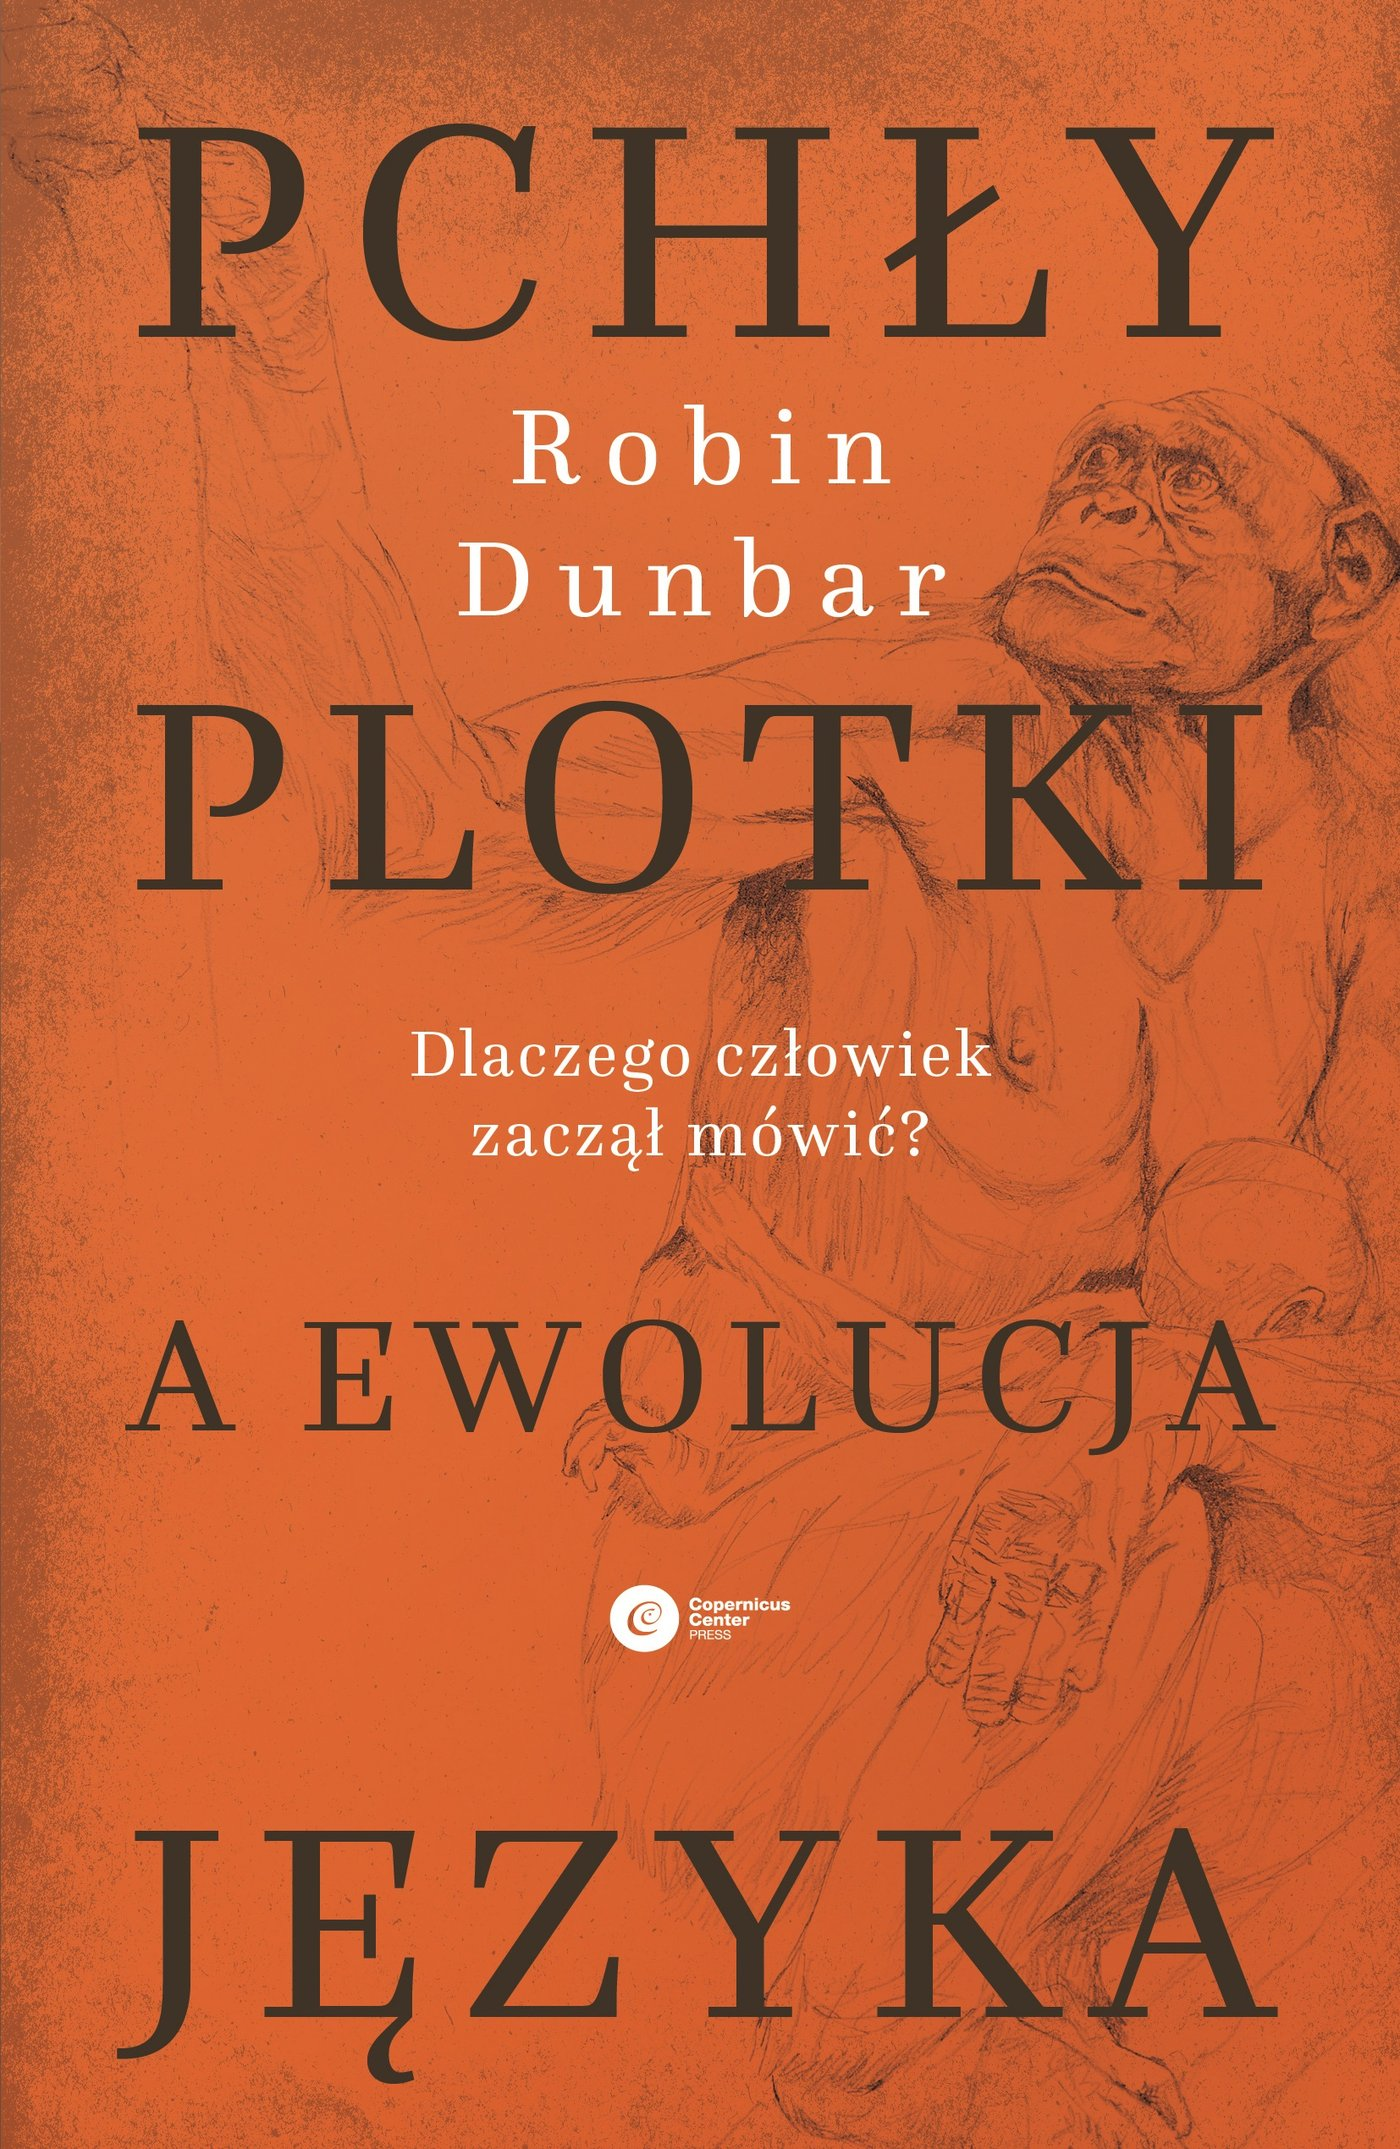 Pchły, plotki a ewolucja języka - Ebook (Książka na Kindle) do pobrania w formacie MOBI